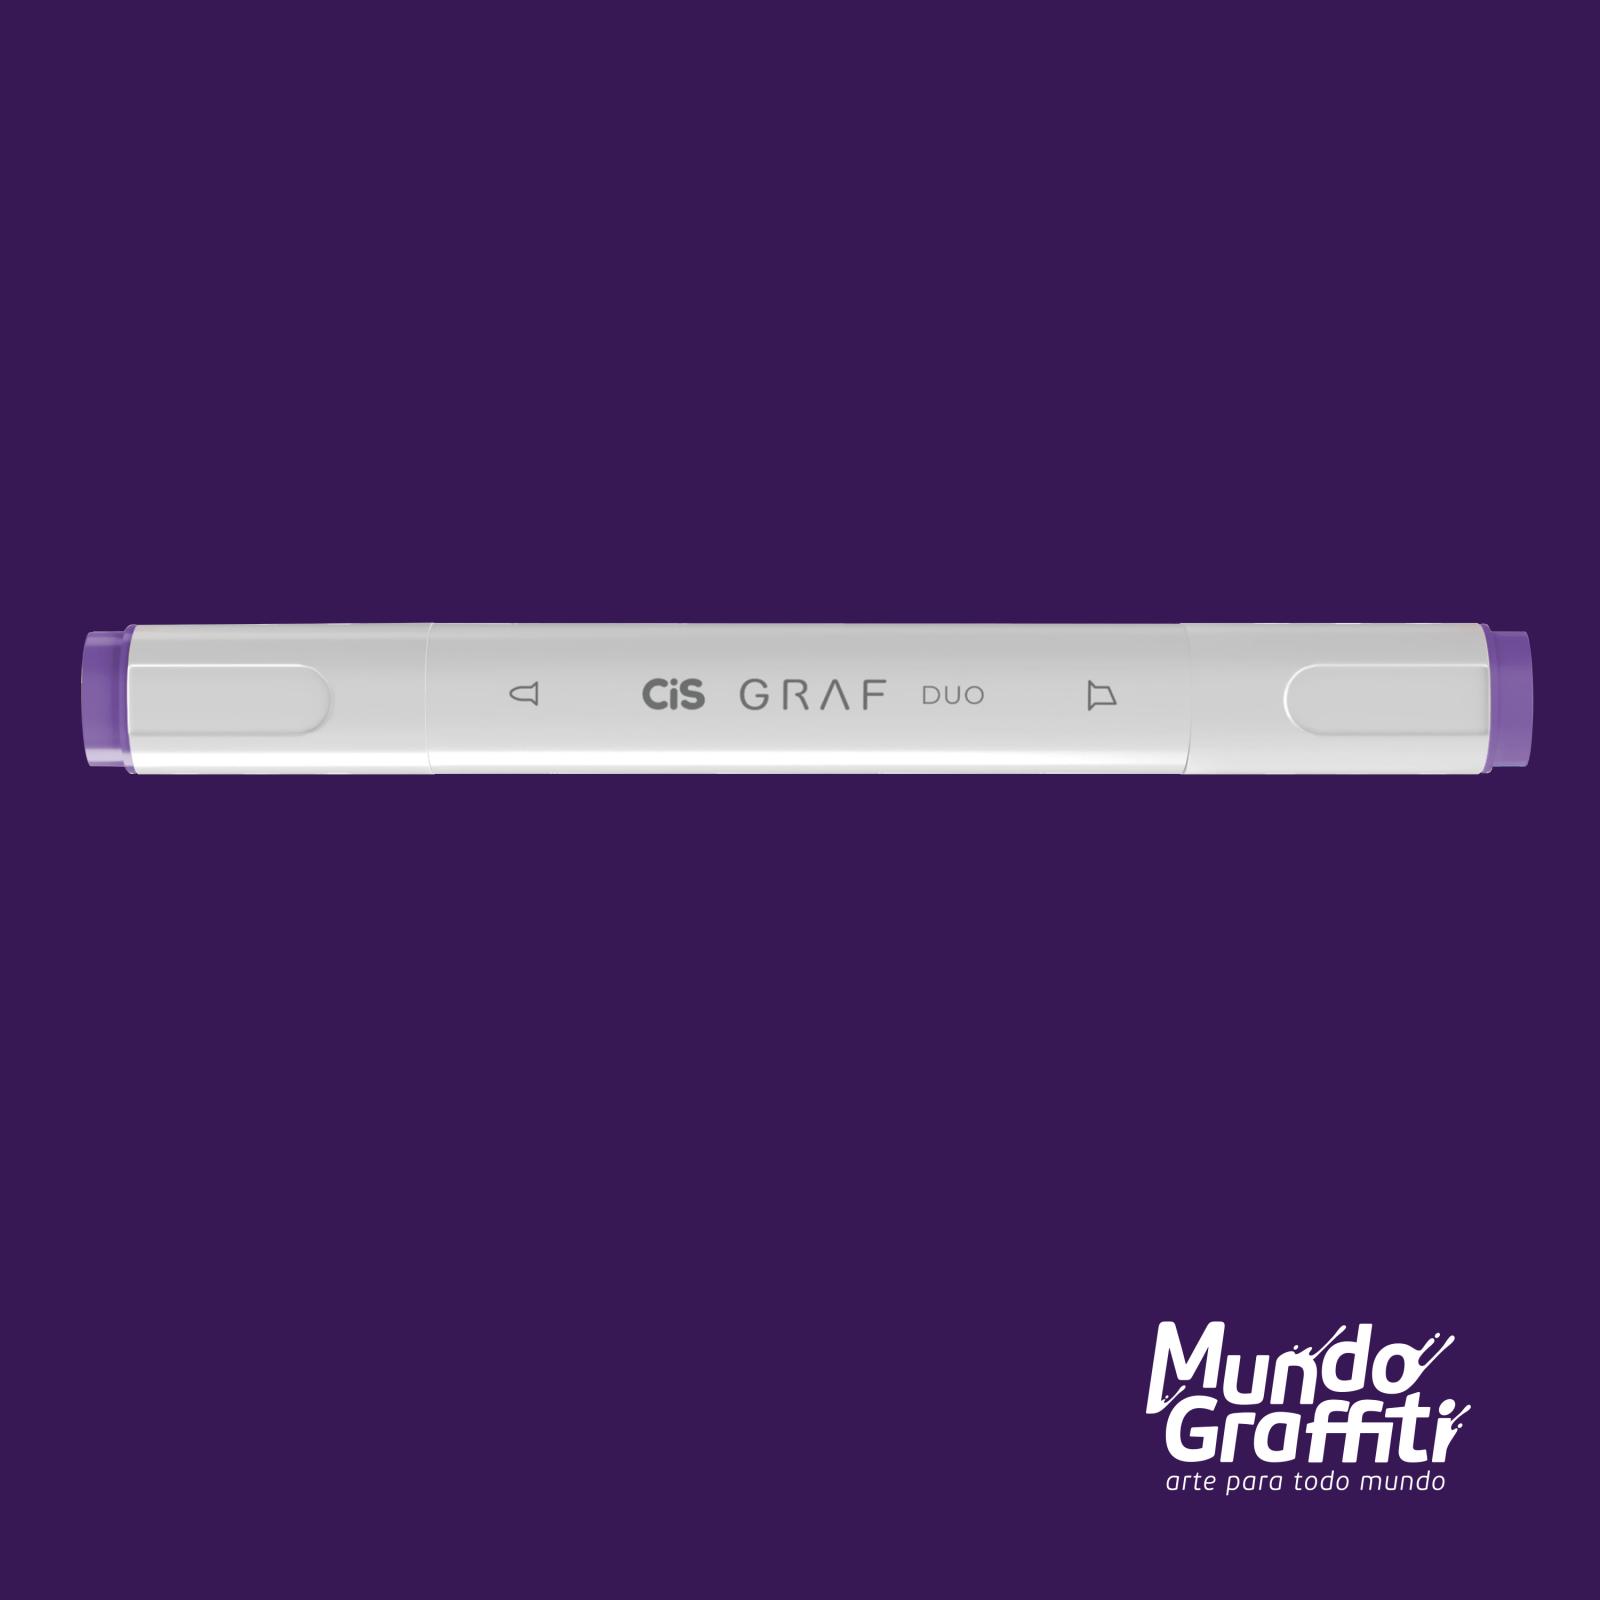 Marcador Cis Graf Duo Deep Violet 81 - Mundo Graffiti